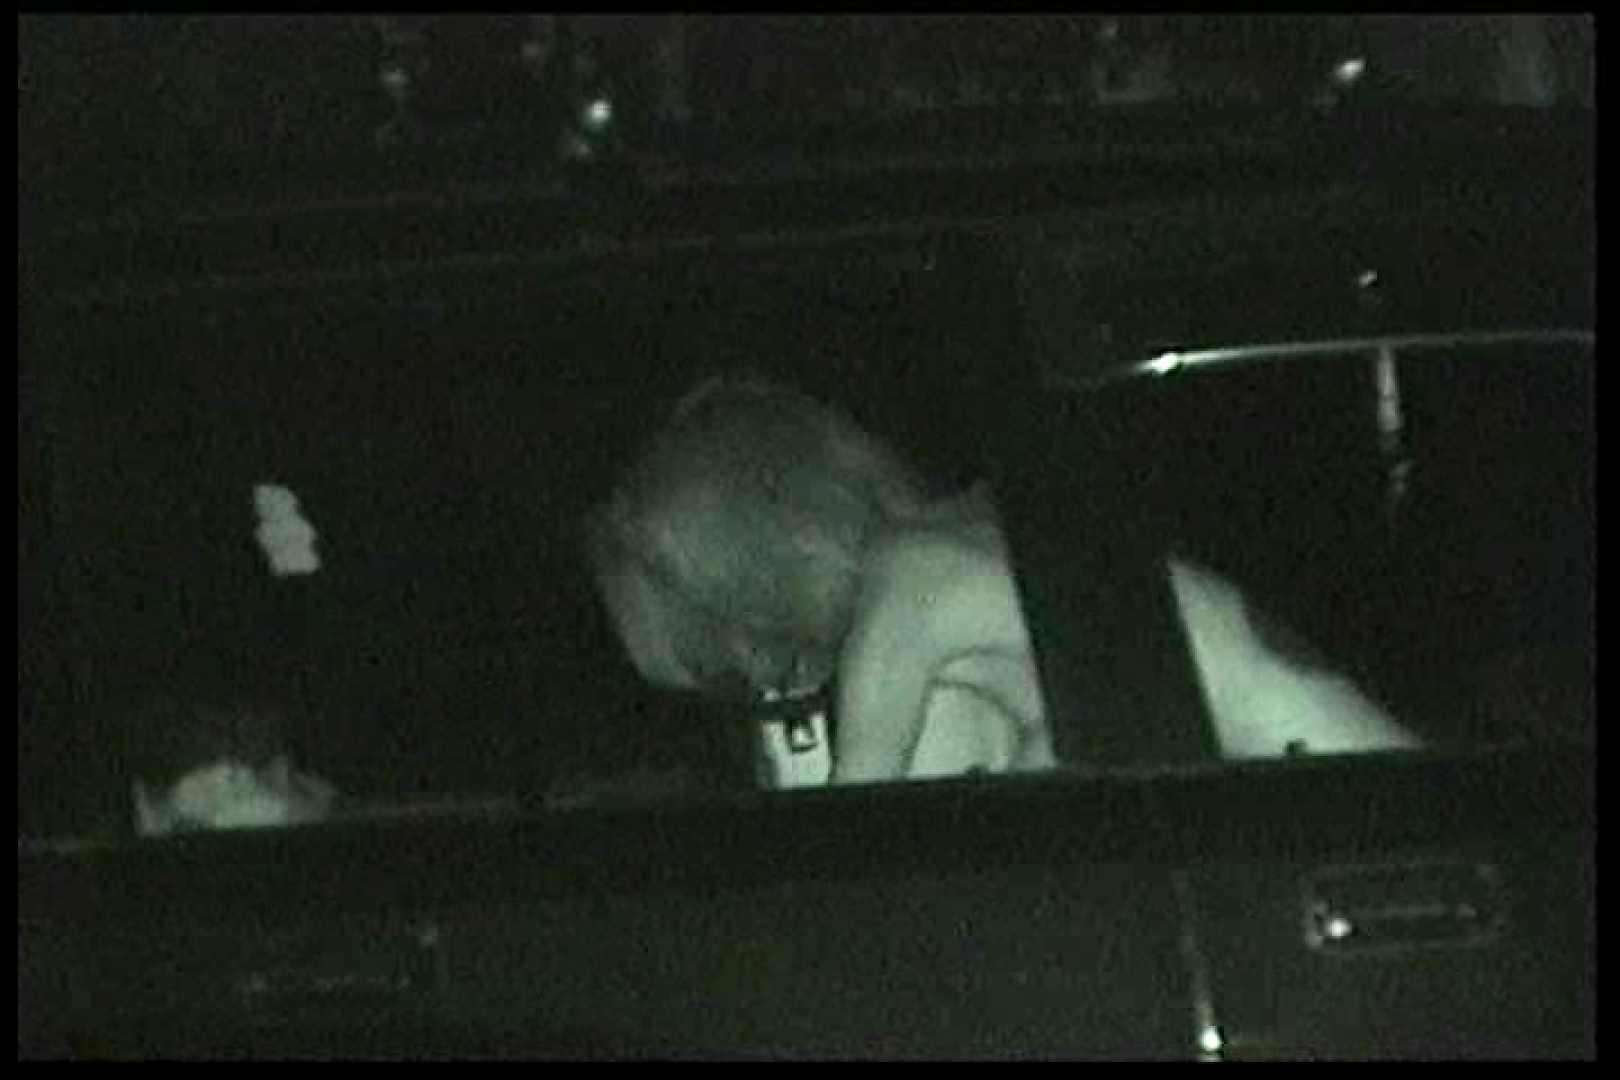 車の中はラブホテル 無修正版  Vol.14 喘ぎ | ラブホテル隠し撮り  77pic 25